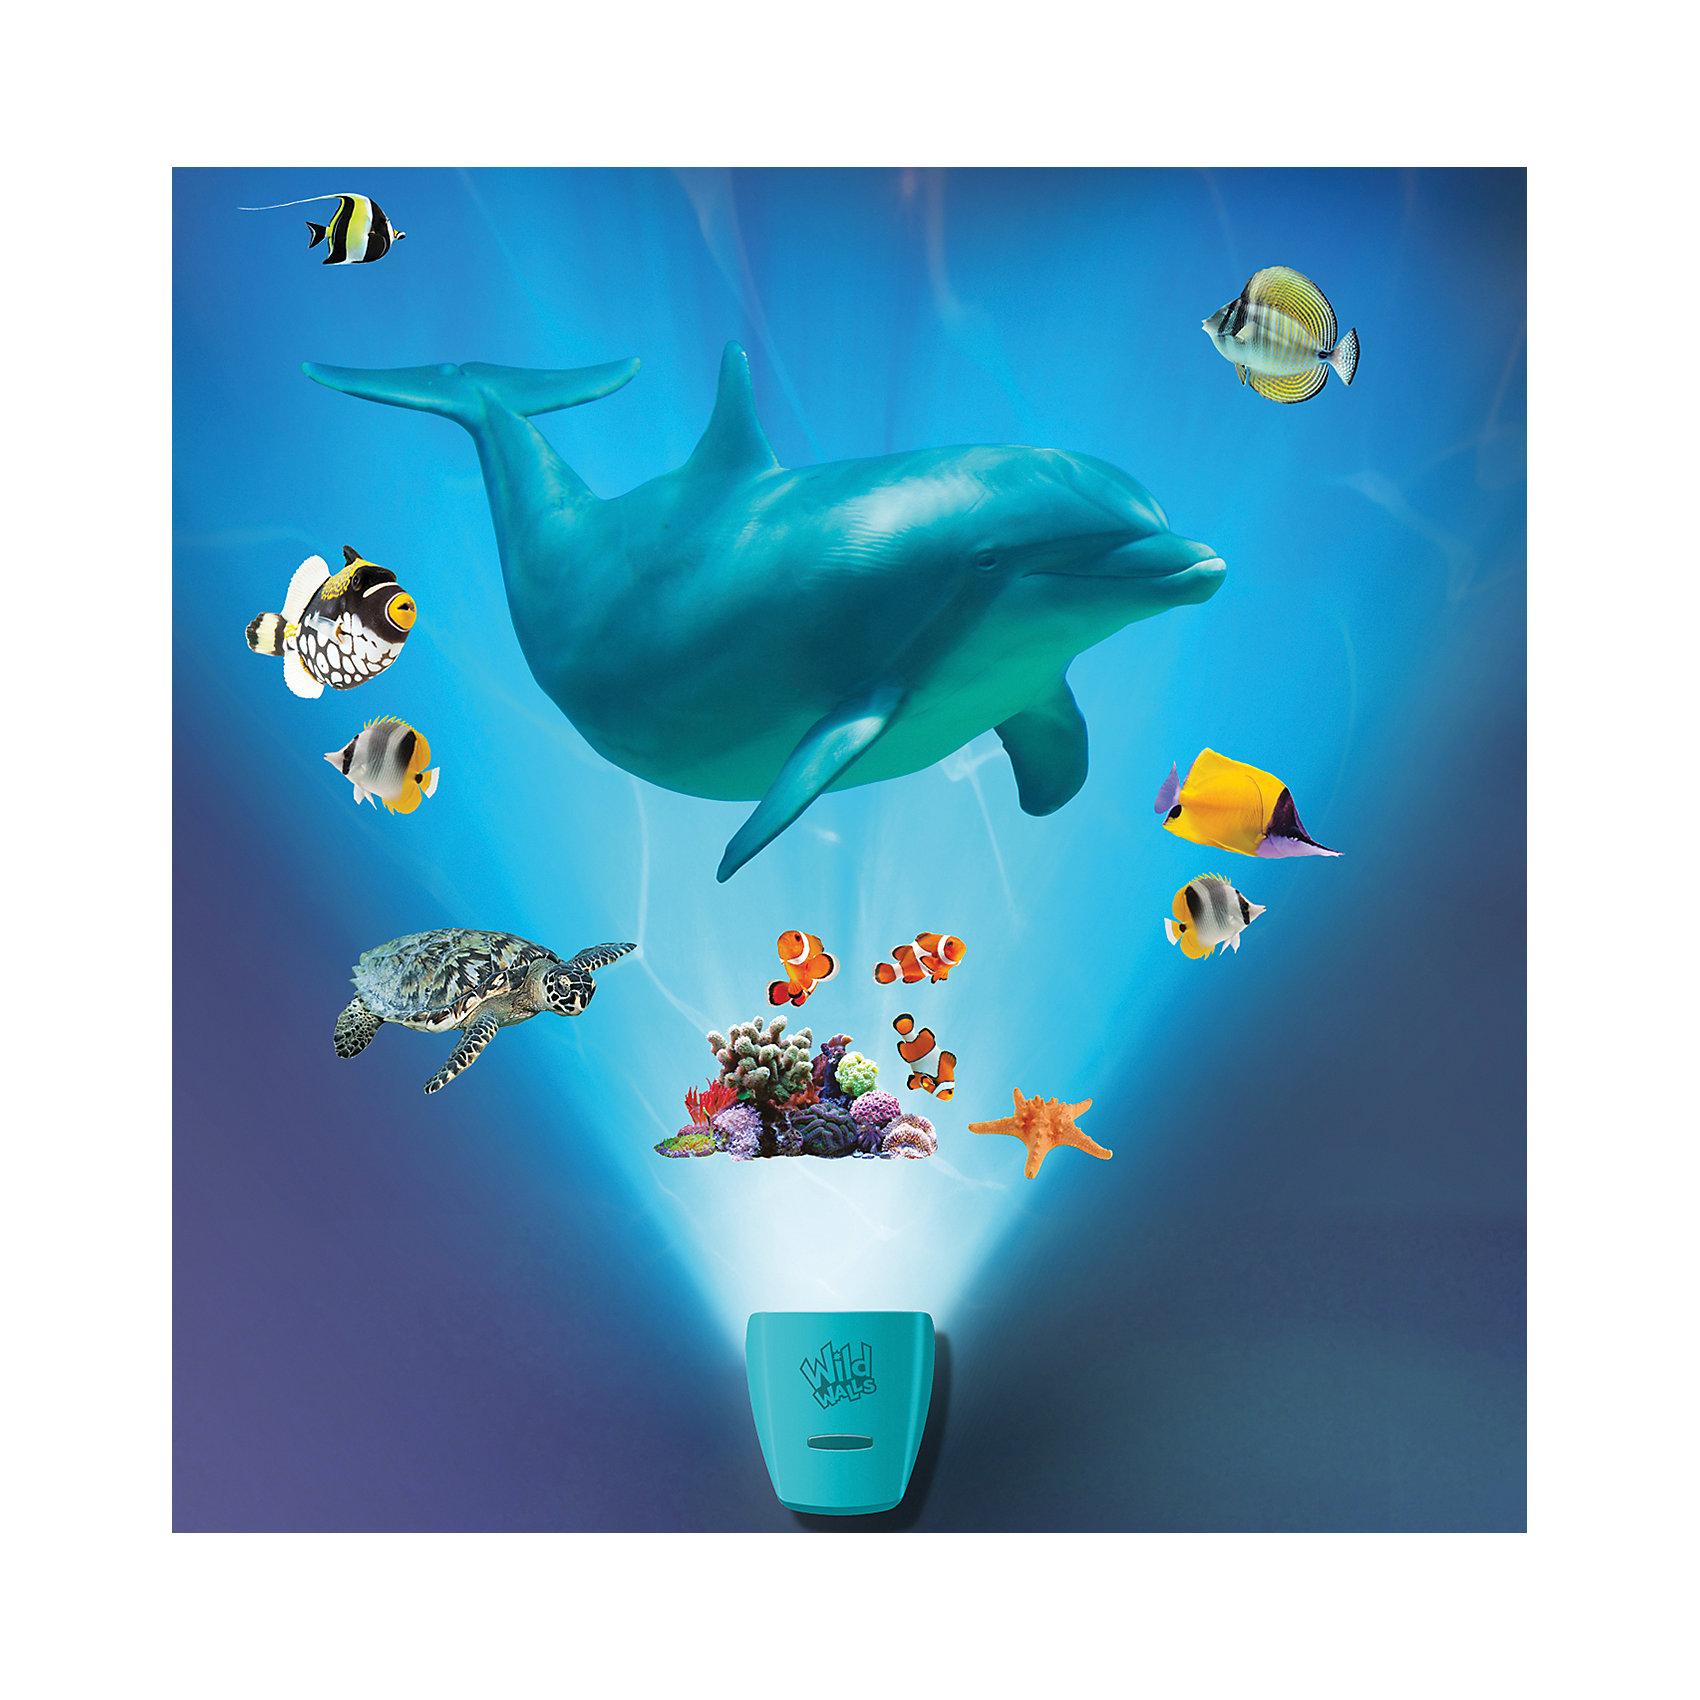 Настенный проектор Путешествие с дельфиномНастенный проектор Путешествие с дельфином – это проектор с реалистичными звуковыми и световыми эффектами погружения на дно океана.<br>Настенный проектор «Путешествие с дельфином» освежит интерьер детской комнаты и в интересной форме познакомит ребенка с обитателями морской пучины! Проектор состоит из двух частей: активатора и многоразовых наклеек. Красочные наклейки можно размещать многократно в разных комбинациях на стене комнаты. Для достижения четкого и яркого изображения необходимо закрепить активатор на расстоянии 1-1,5 метра от пола и создать в комнате полную темноту. Активатор не только осветит небольшой участок помещения, но и с помощью мерцающего голубого свечения, уникальных реалистичных звуков имитирующих всплеск волн и голоса дельфинов, и визуального видения морских обитателей, позволит почувствовать себя на дне океана. Функционирует в двух режимах: свет и звук или только свет (переключаются вручную кнопкой). Отключаться проектор может автоматически после 5, 10 или 20 минут непрерывной работы.<br><br>Дополнительная информация:<br><br>- Возраст: 5+<br>- В комплекте: активатор, красочные наклейки с изображением различных видов морских обитателей, инструкция<br>- Диаметр светового эффекта: 6,9 м?<br>- Длина наклейки с акулой: 60,96 см.<br>- Батарейки: 3 типа АА (входят в комплект)<br>- Размер упаковки: 8х41х25 см.<br>- Вес: 600 гр.<br><br>Настенный проектор Путешествие с дельфином можно купить в нашем интернет-магазине.<br><br>Ширина мм: 8<br>Глубина мм: 41<br>Высота мм: 25<br>Вес г: 600<br>Возраст от месяцев: 60<br>Возраст до месяцев: 168<br>Пол: Унисекс<br>Возраст: Детский<br>SKU: 4639625